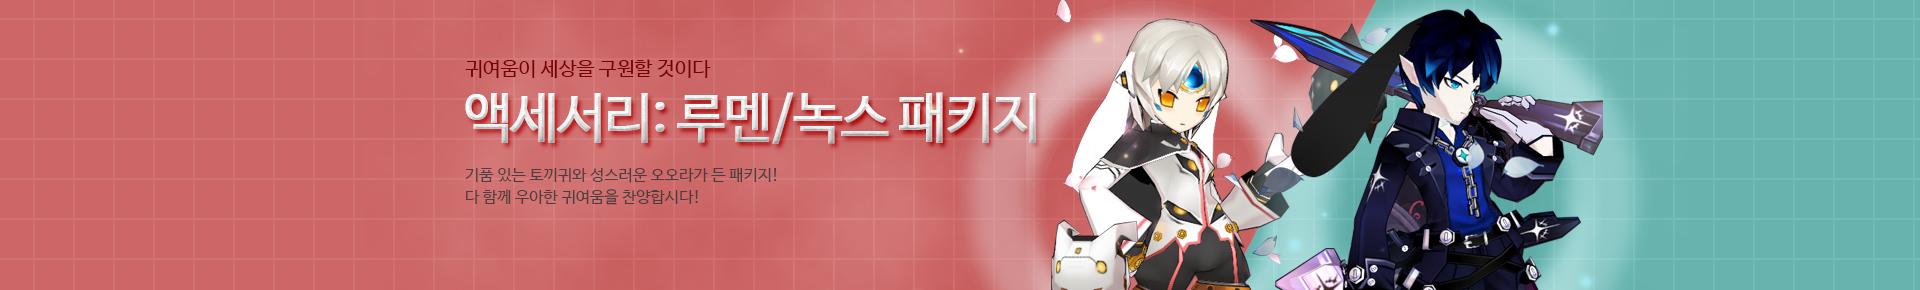 토끼 컨셉 액세서리 2종 출시!